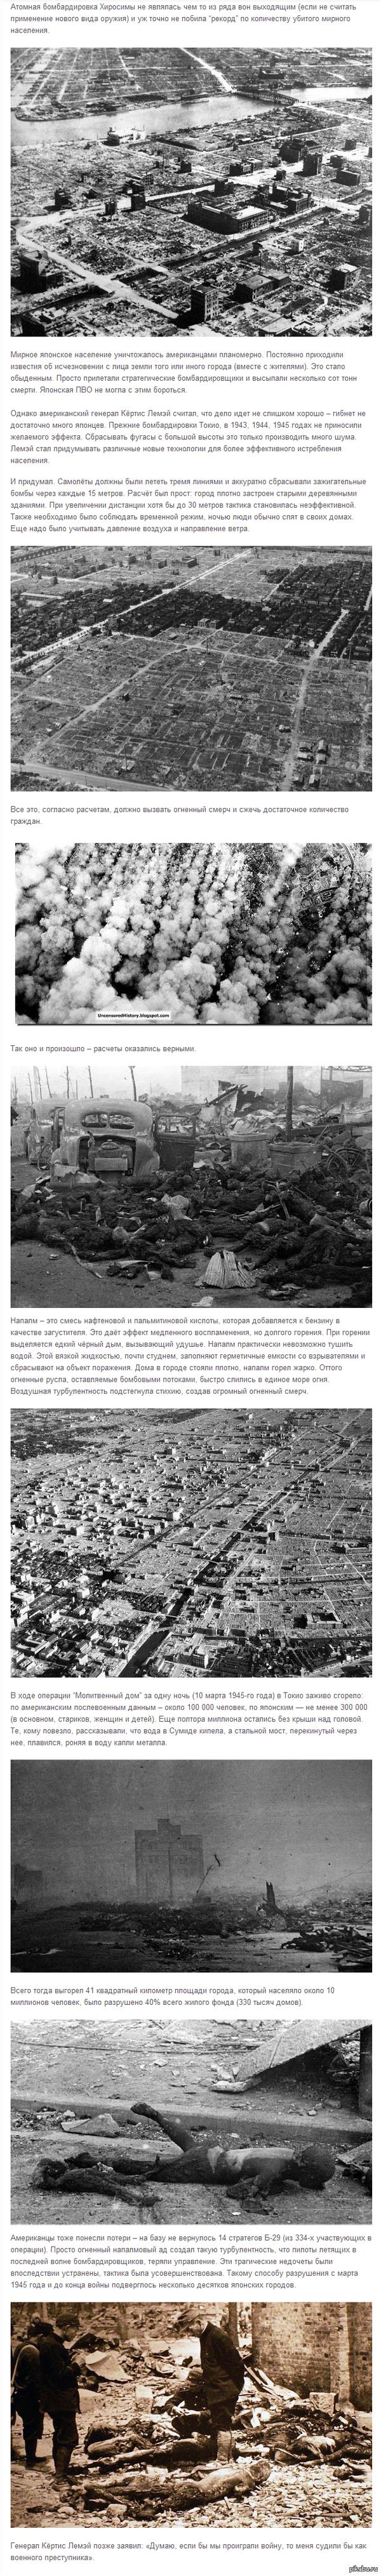 """Операция """"Молитвенный дом"""": бомбардировка Токио 10 марта 1945 года"""